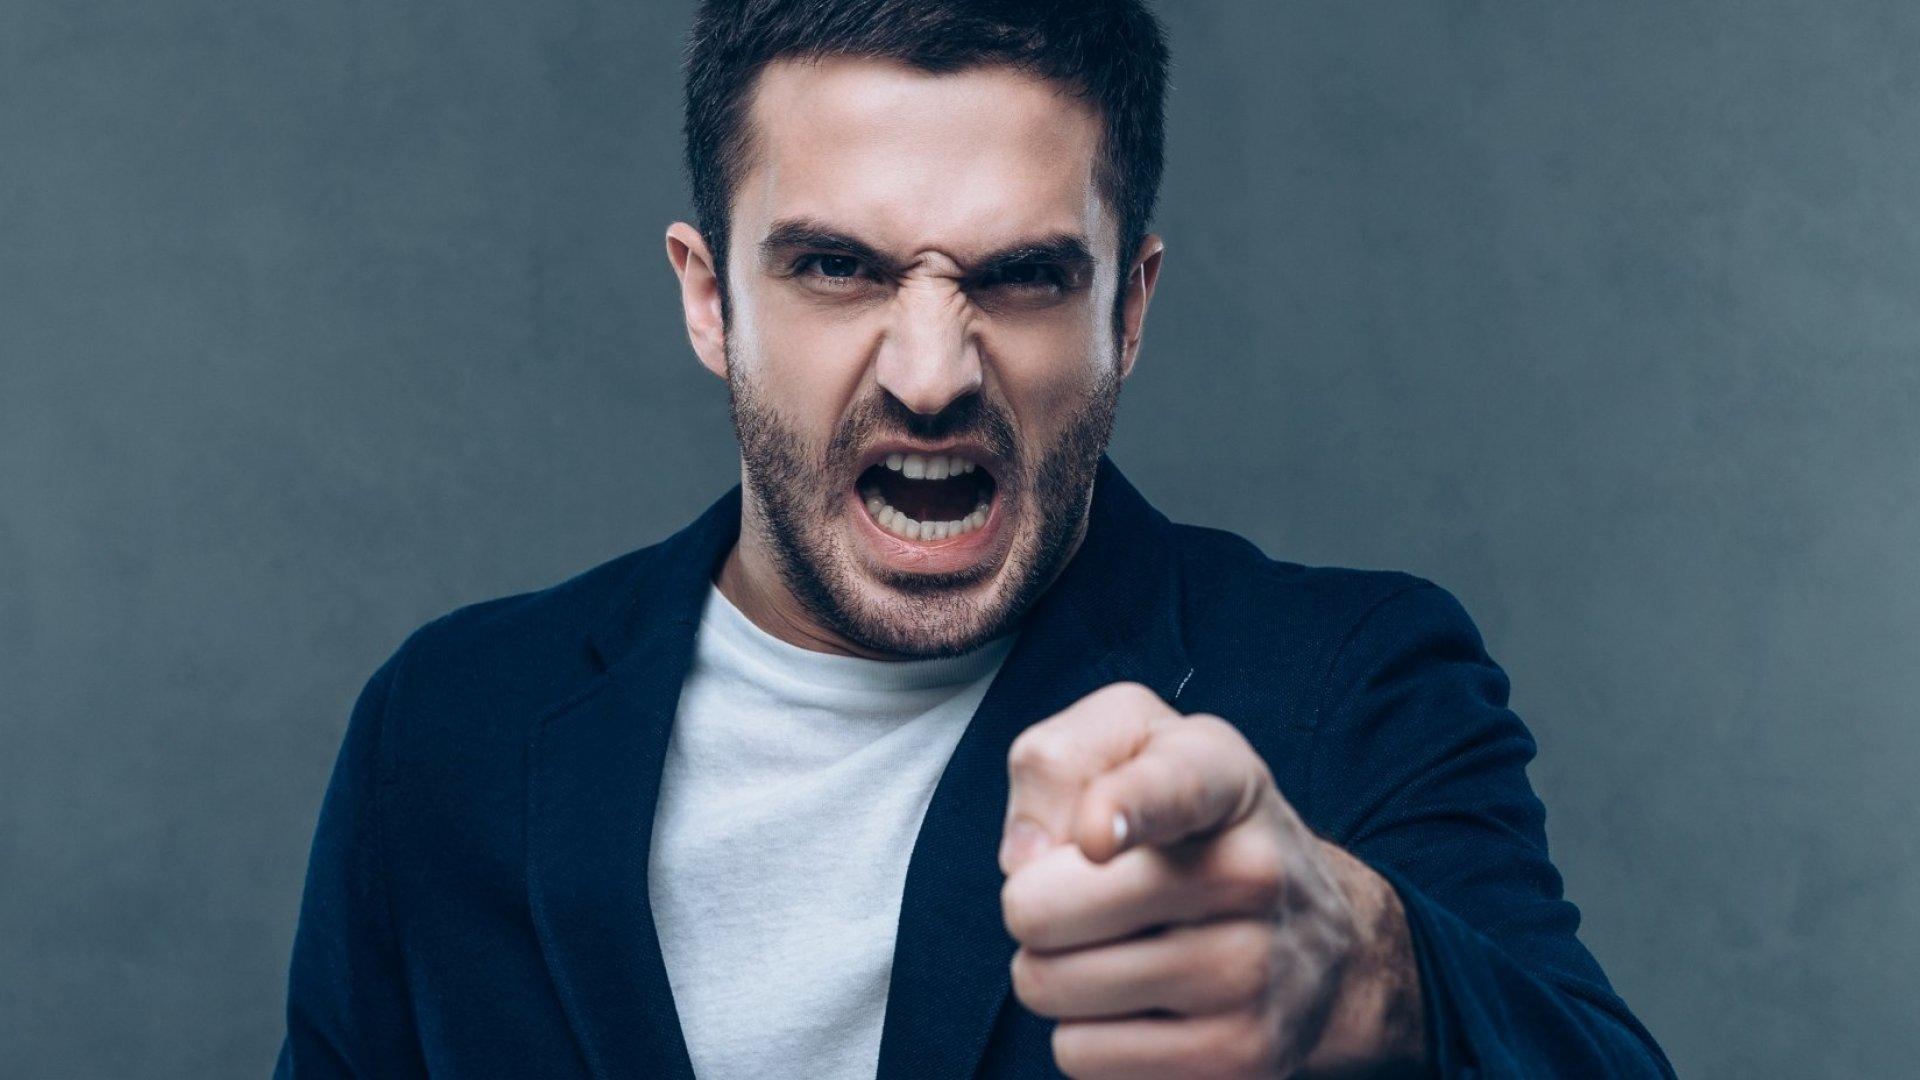 Ini Dia Cara-cara Ngungkapin Kemarahan Dengan Tepat